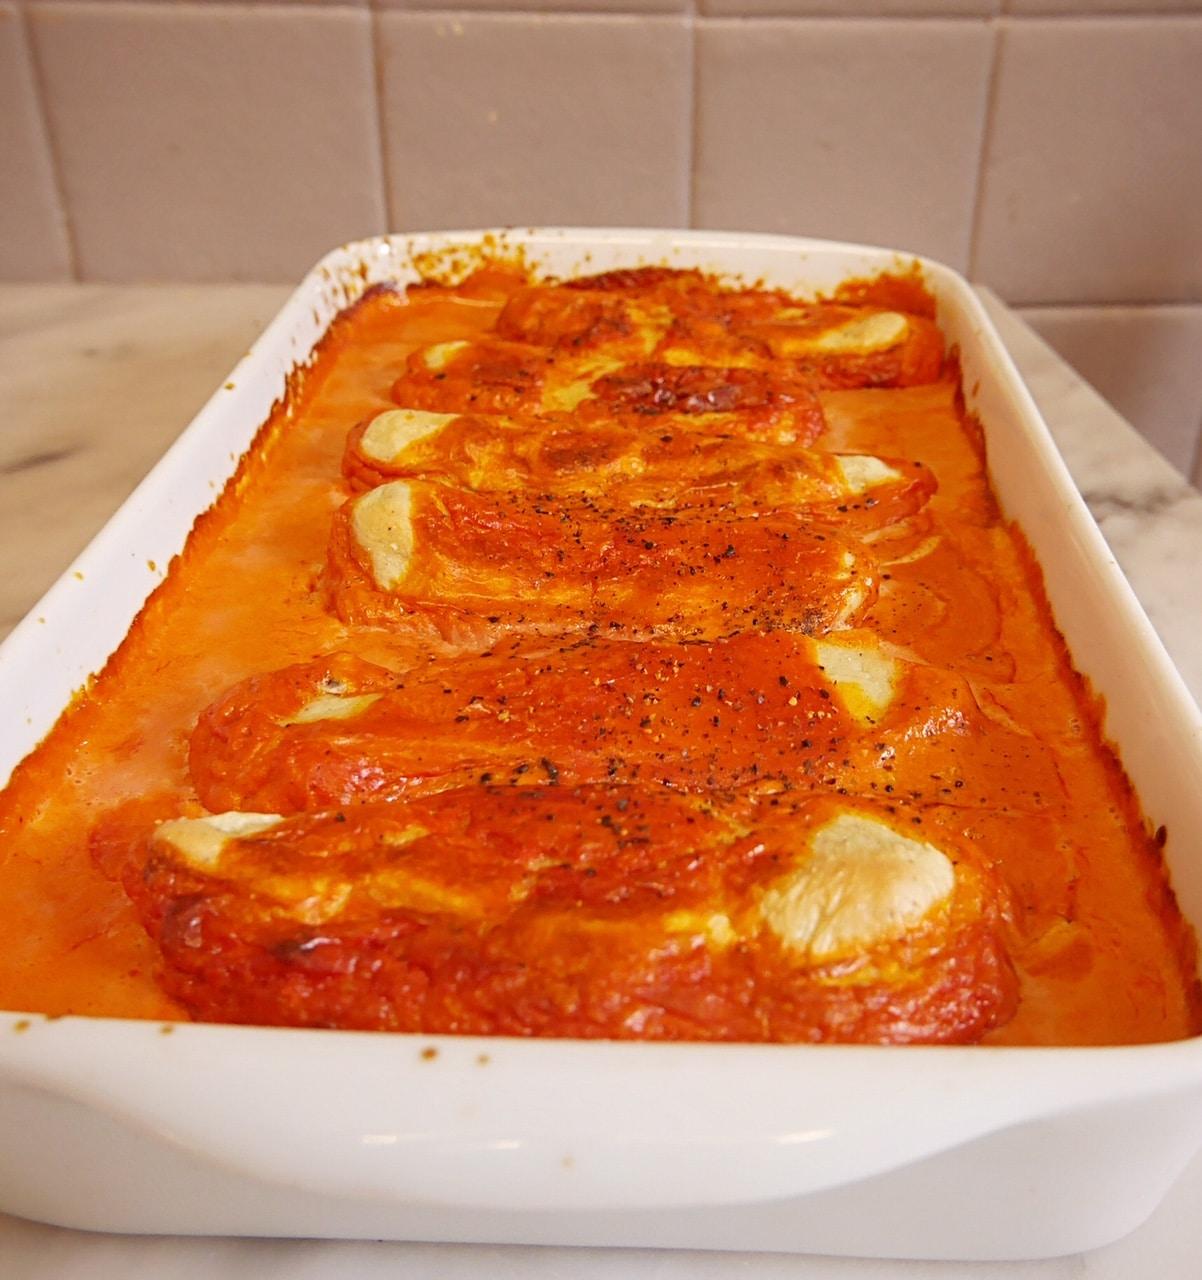 Quenelles sans gluten comment j 39 ai chang de vie - Comment cuisiner des quenelles nature ...